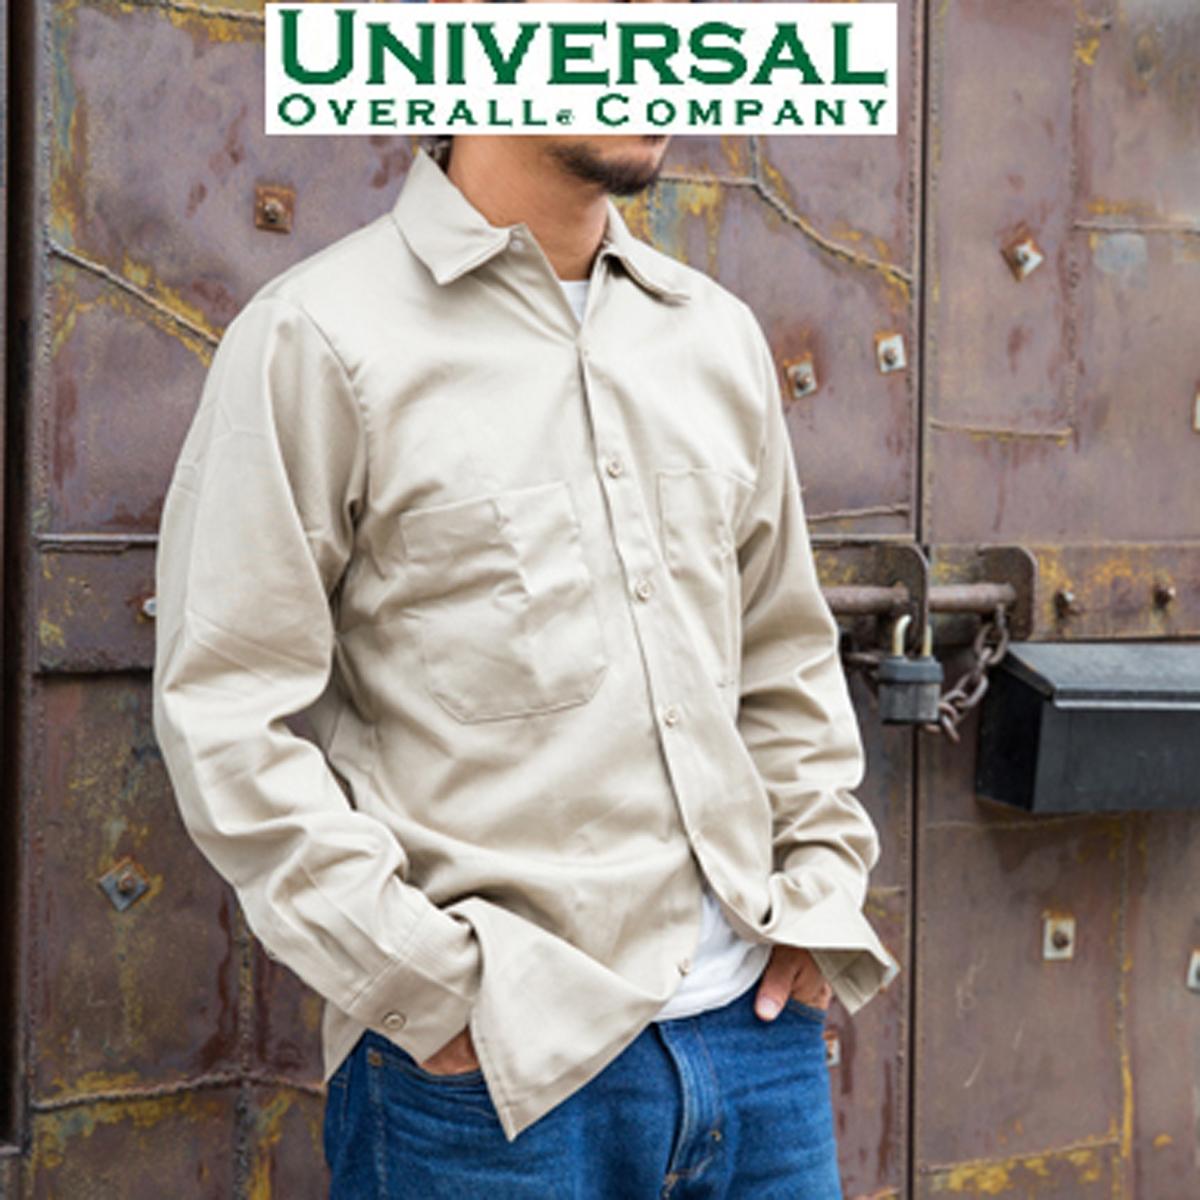 【全品10%OFFクーポン配布中 12/26 2時迄】UNIVERSAL OVERALL ユニバーサルオーバーオール #945-S 長袖コットンワークシャツ 無地 全5色